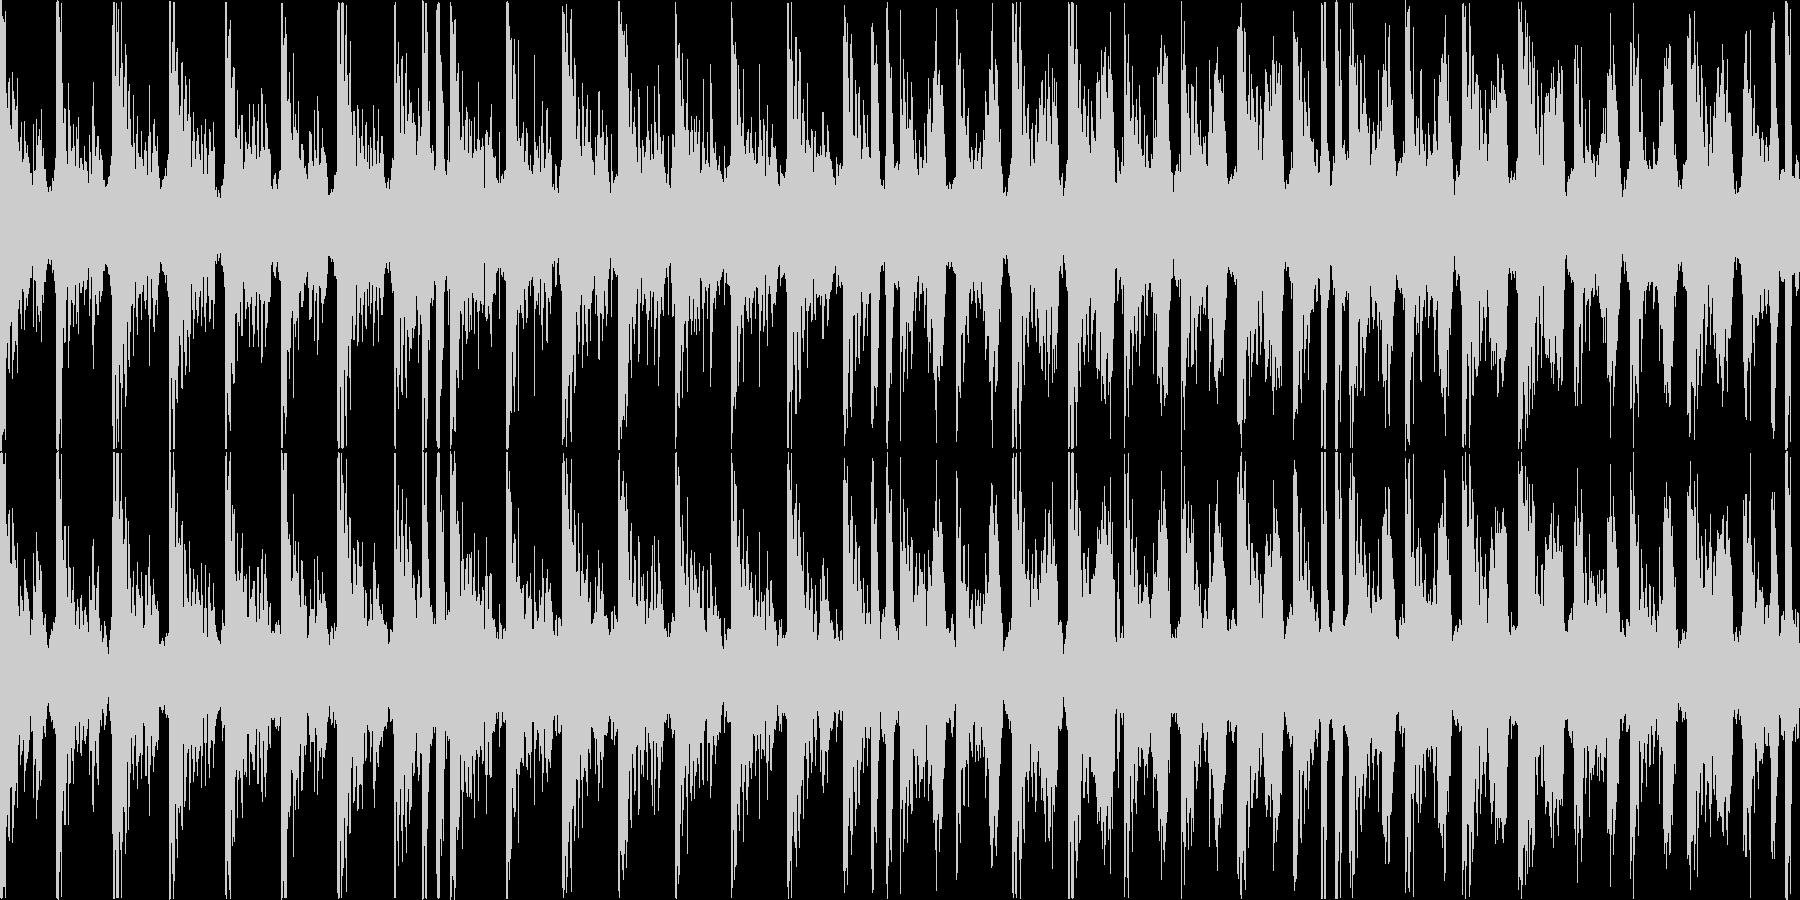 エレピの甘い雰囲気を持った曲の未再生の波形